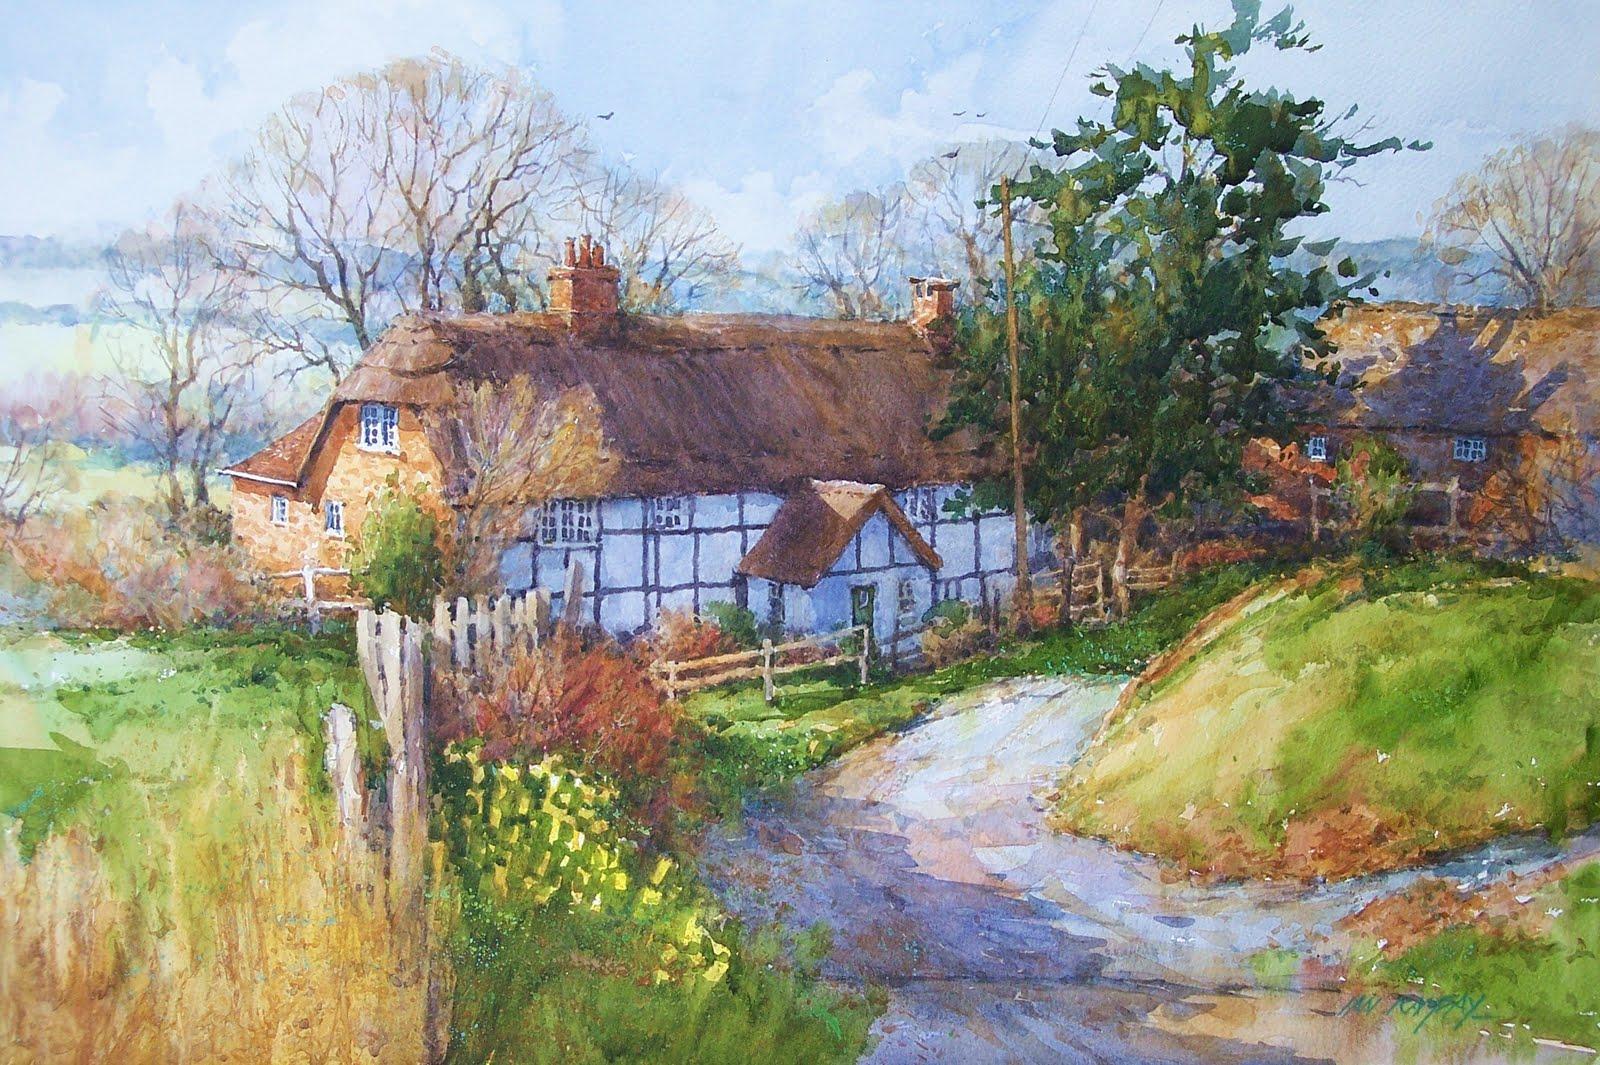 Ian Ramsay Watercolors June 2011